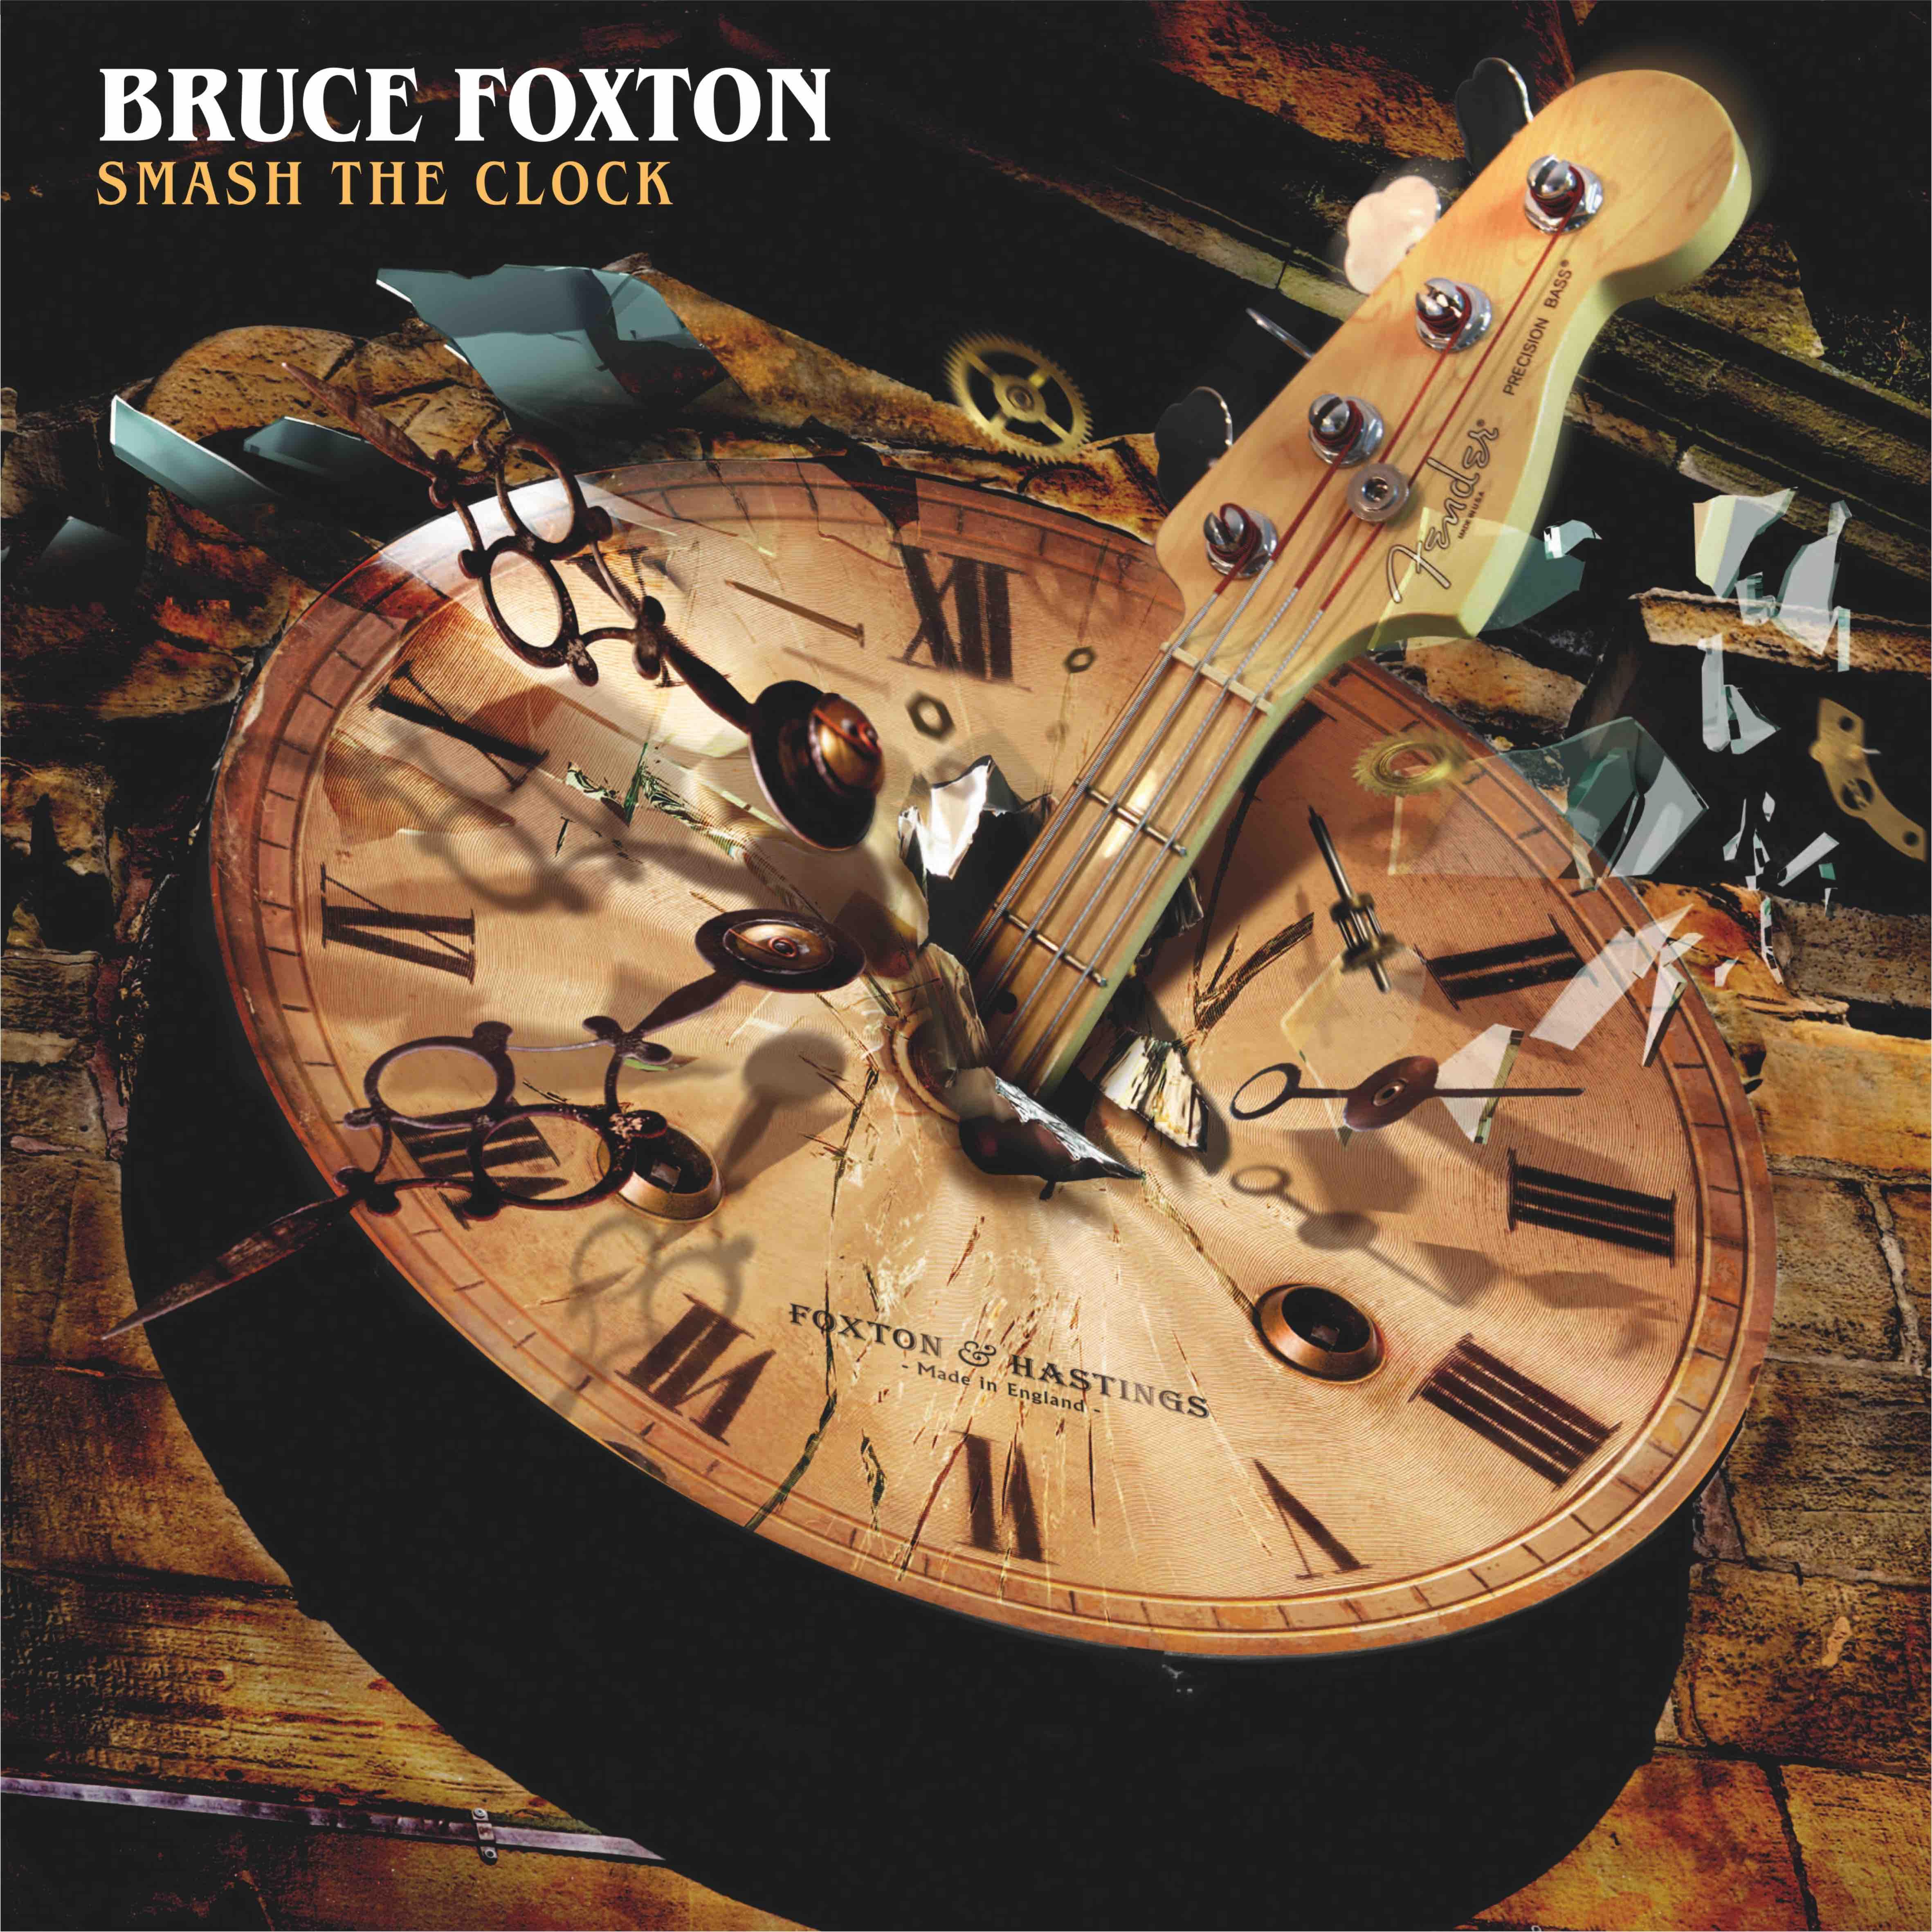 bruce-foxton-smash-the-clock-cover-300dpi-square